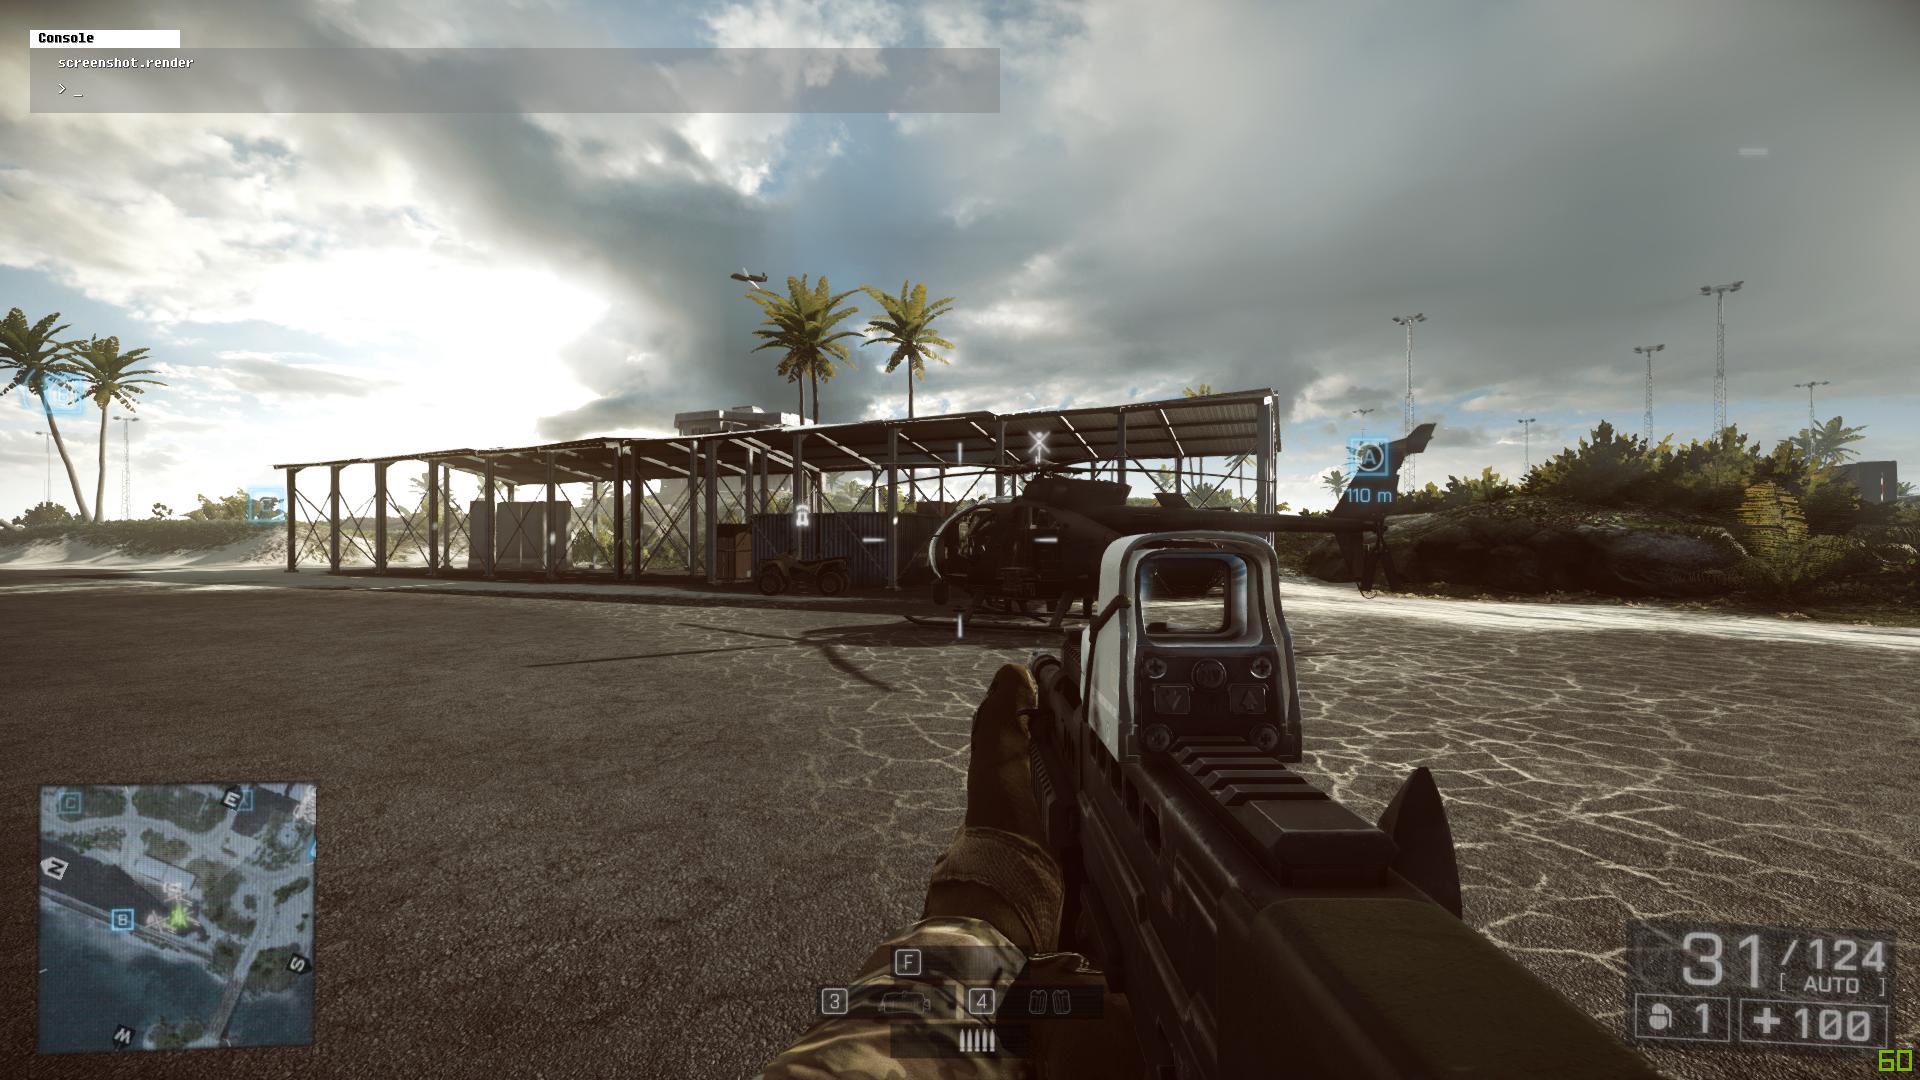 Battlefield 4 Comparison Screenshot 1